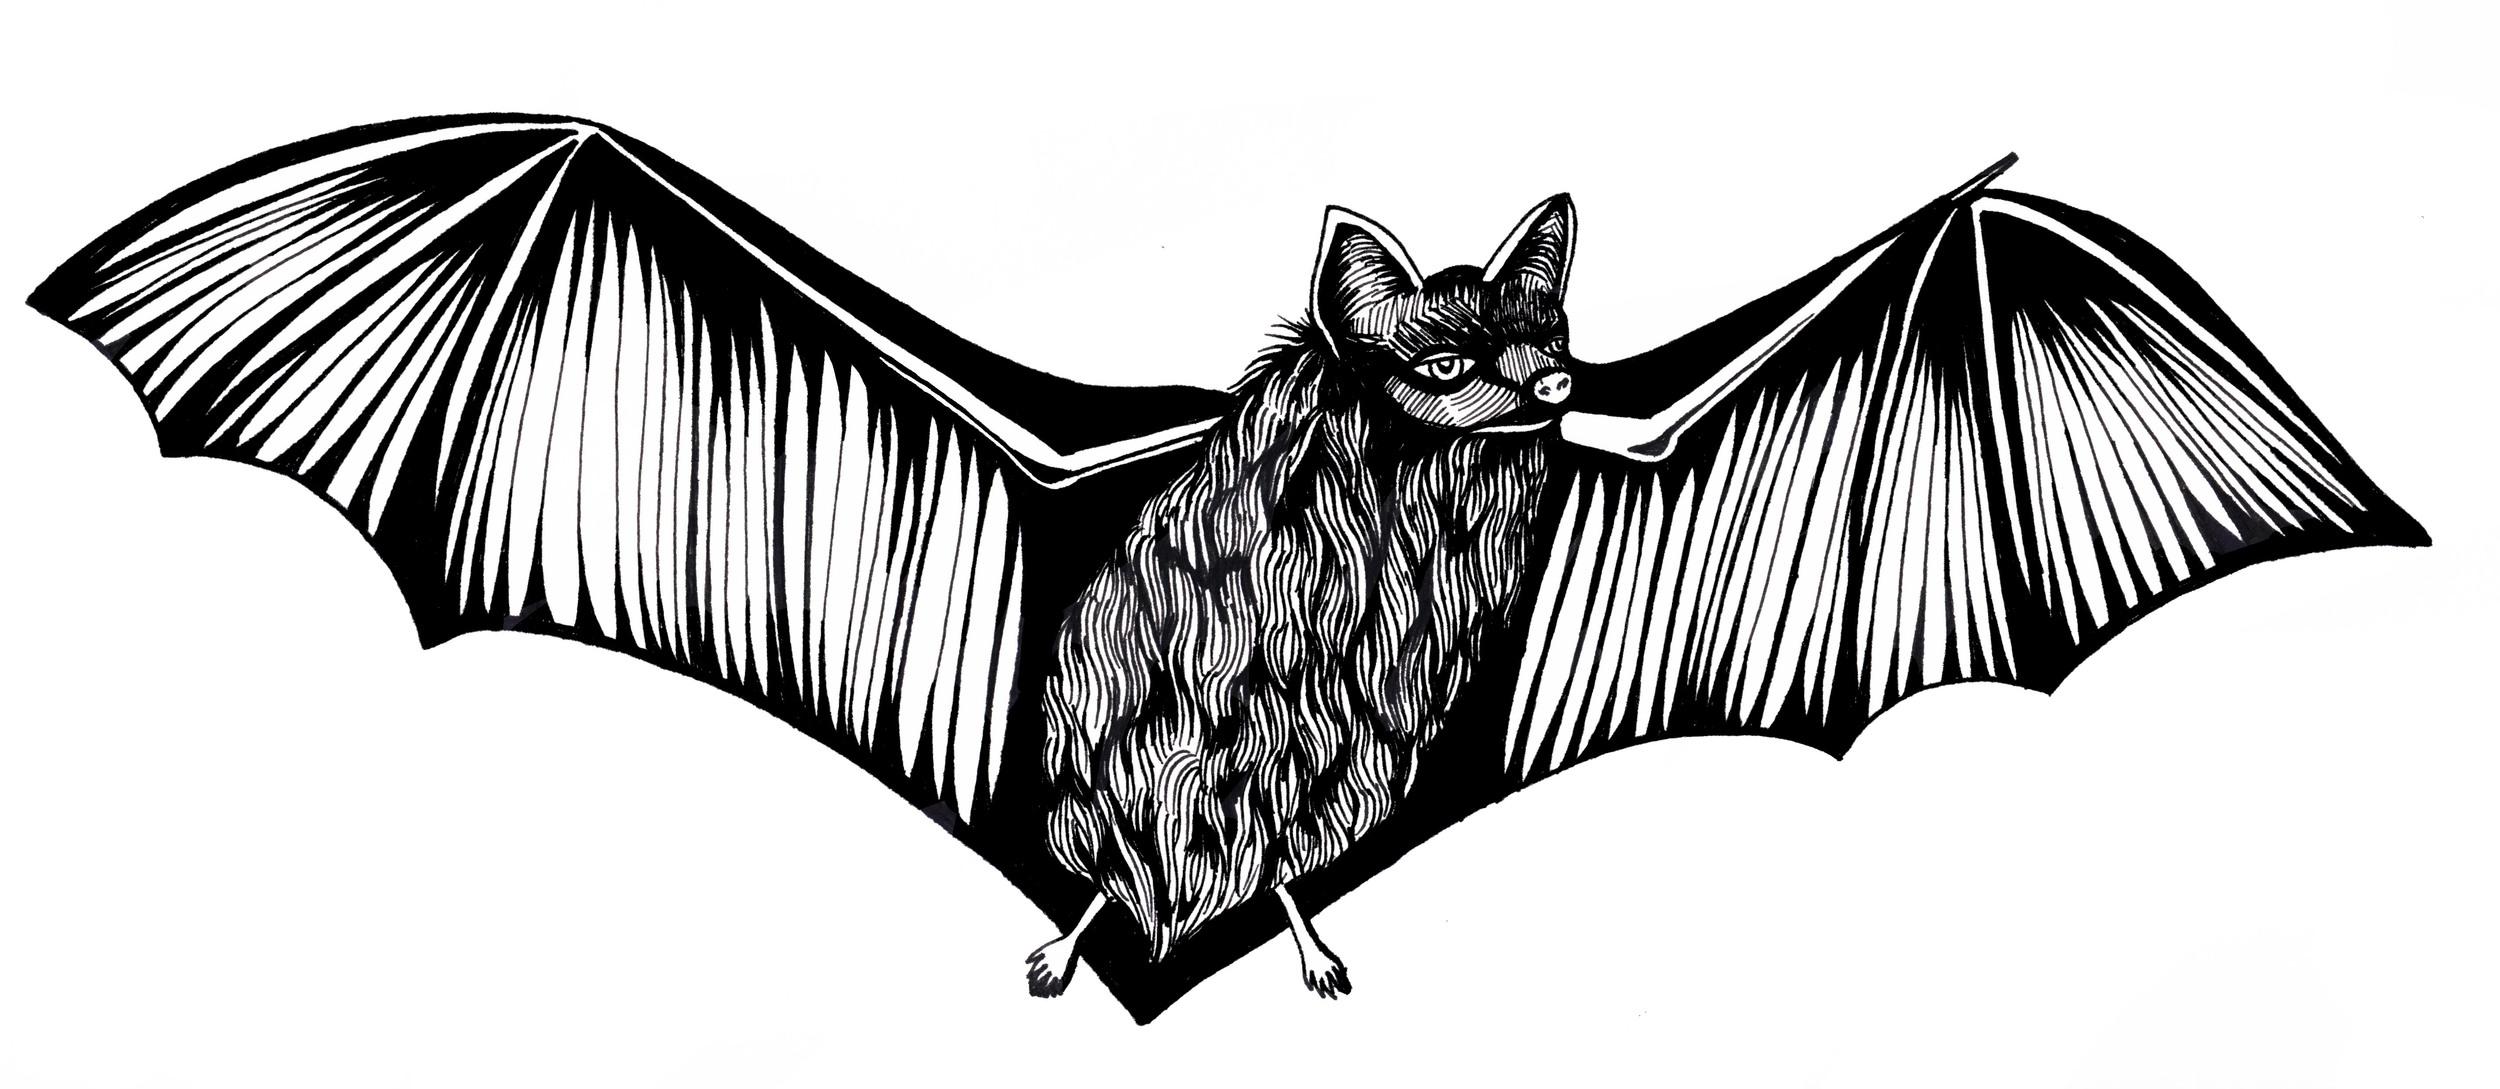 bat drawing.jpg